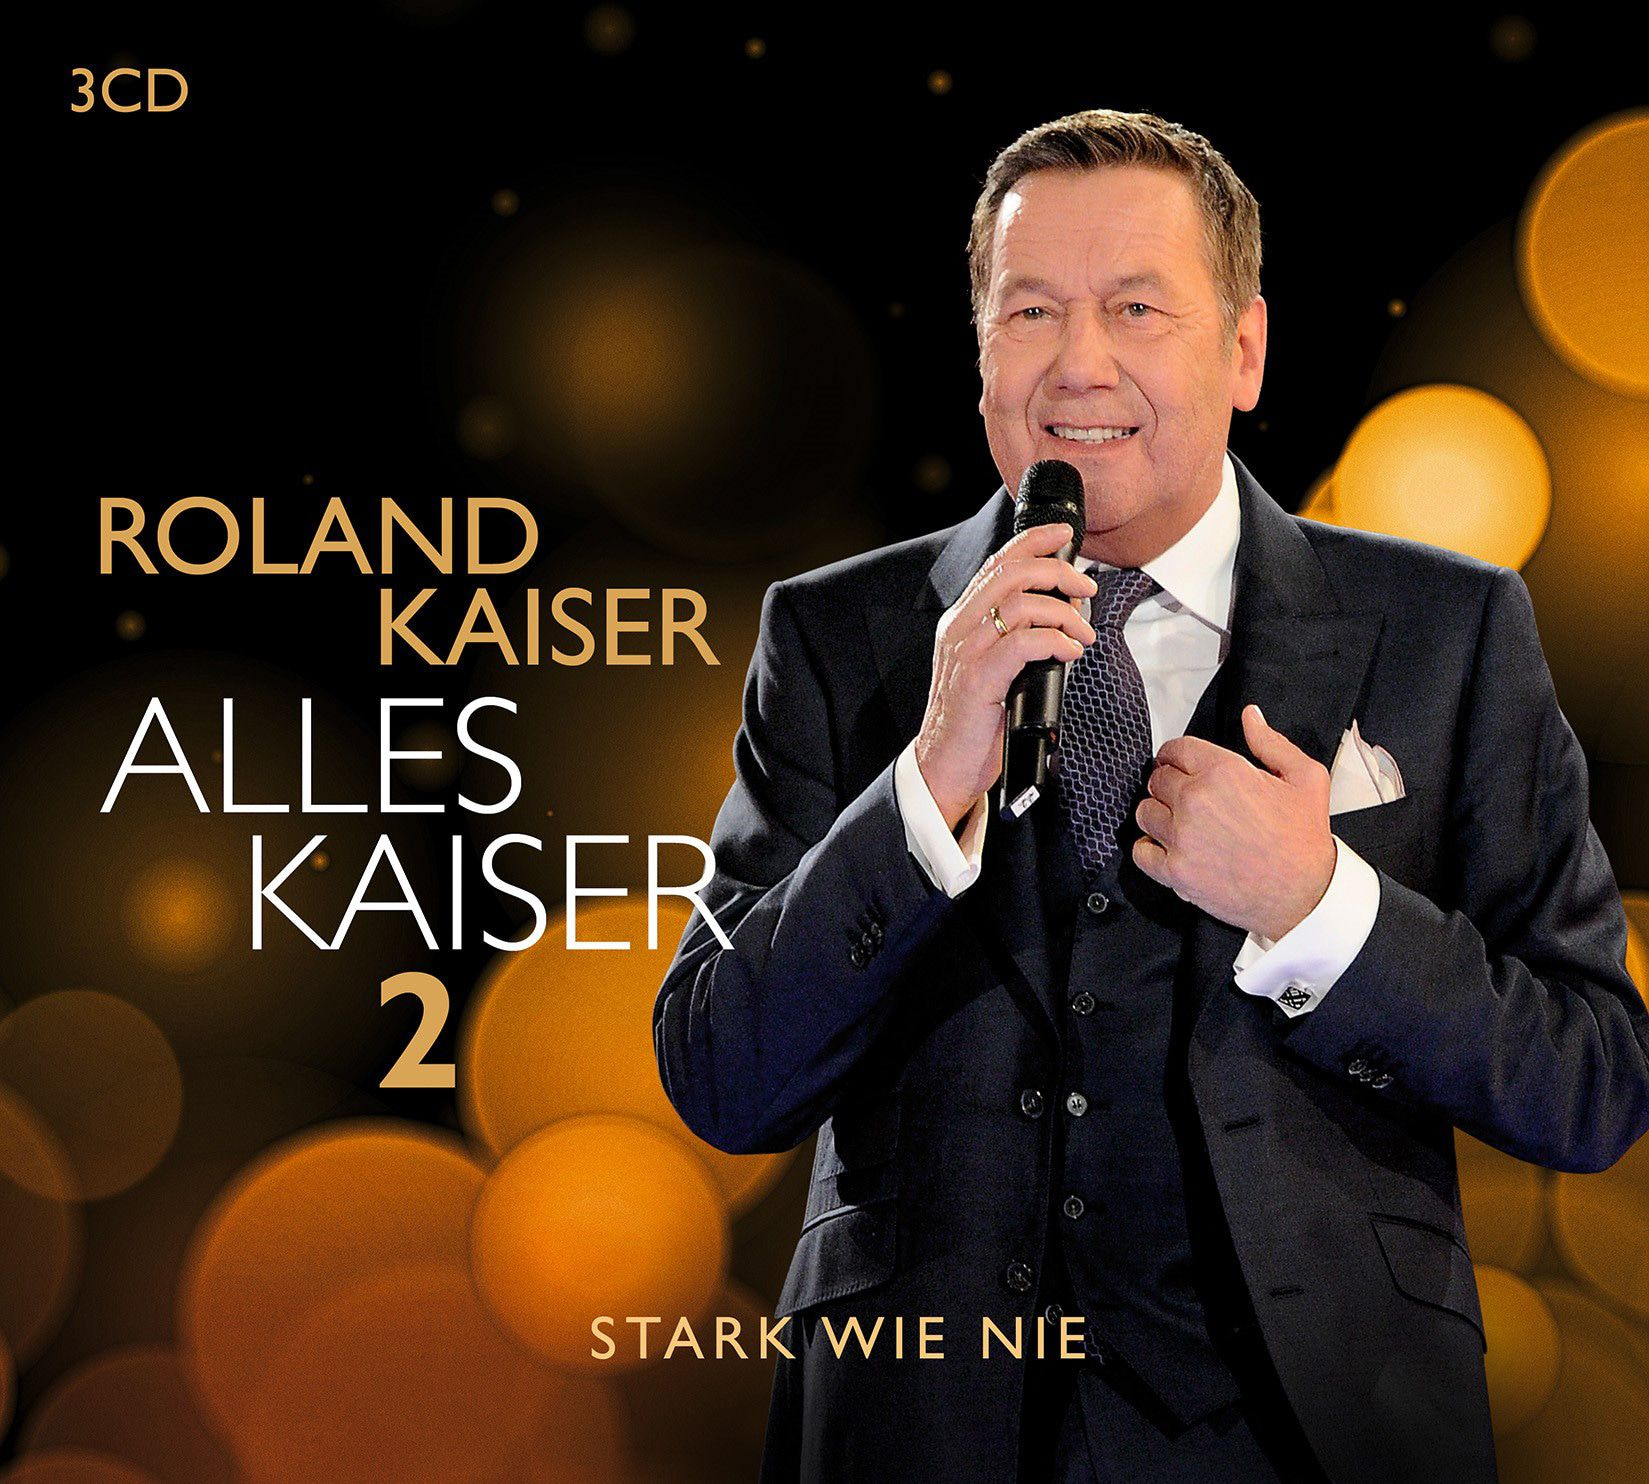 Der Herr Kaiser meldet sich mit neuem Album zurück